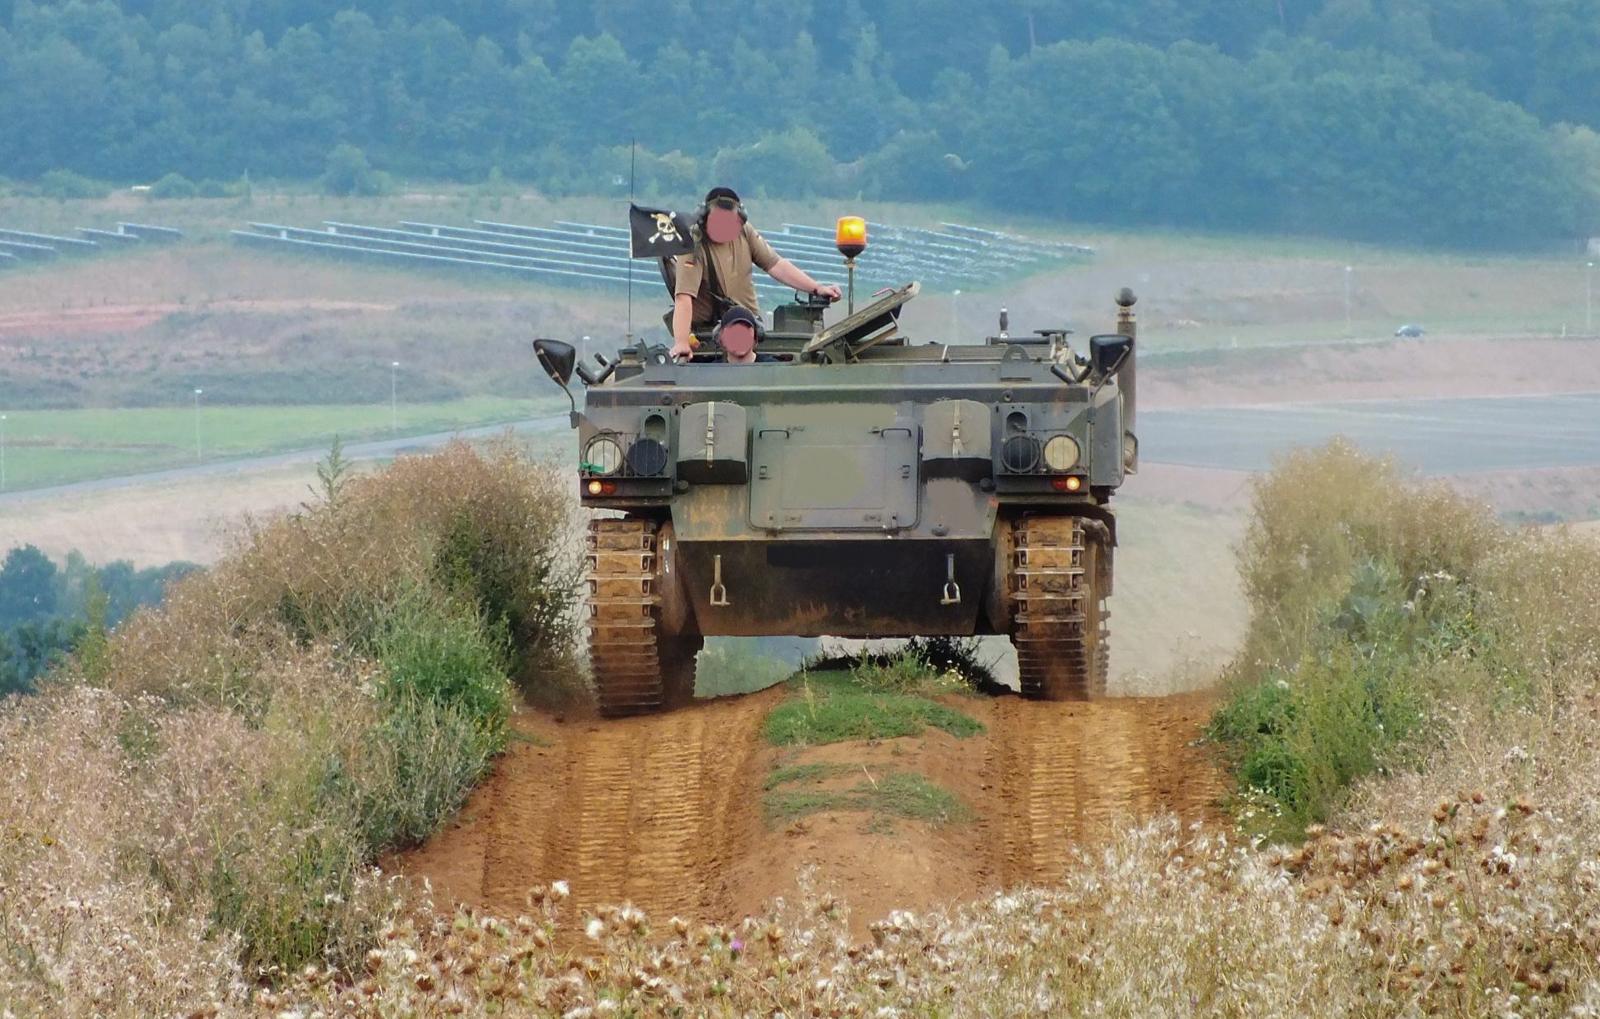 schuetzenpanzer-selber-fahren-30-min-bg3